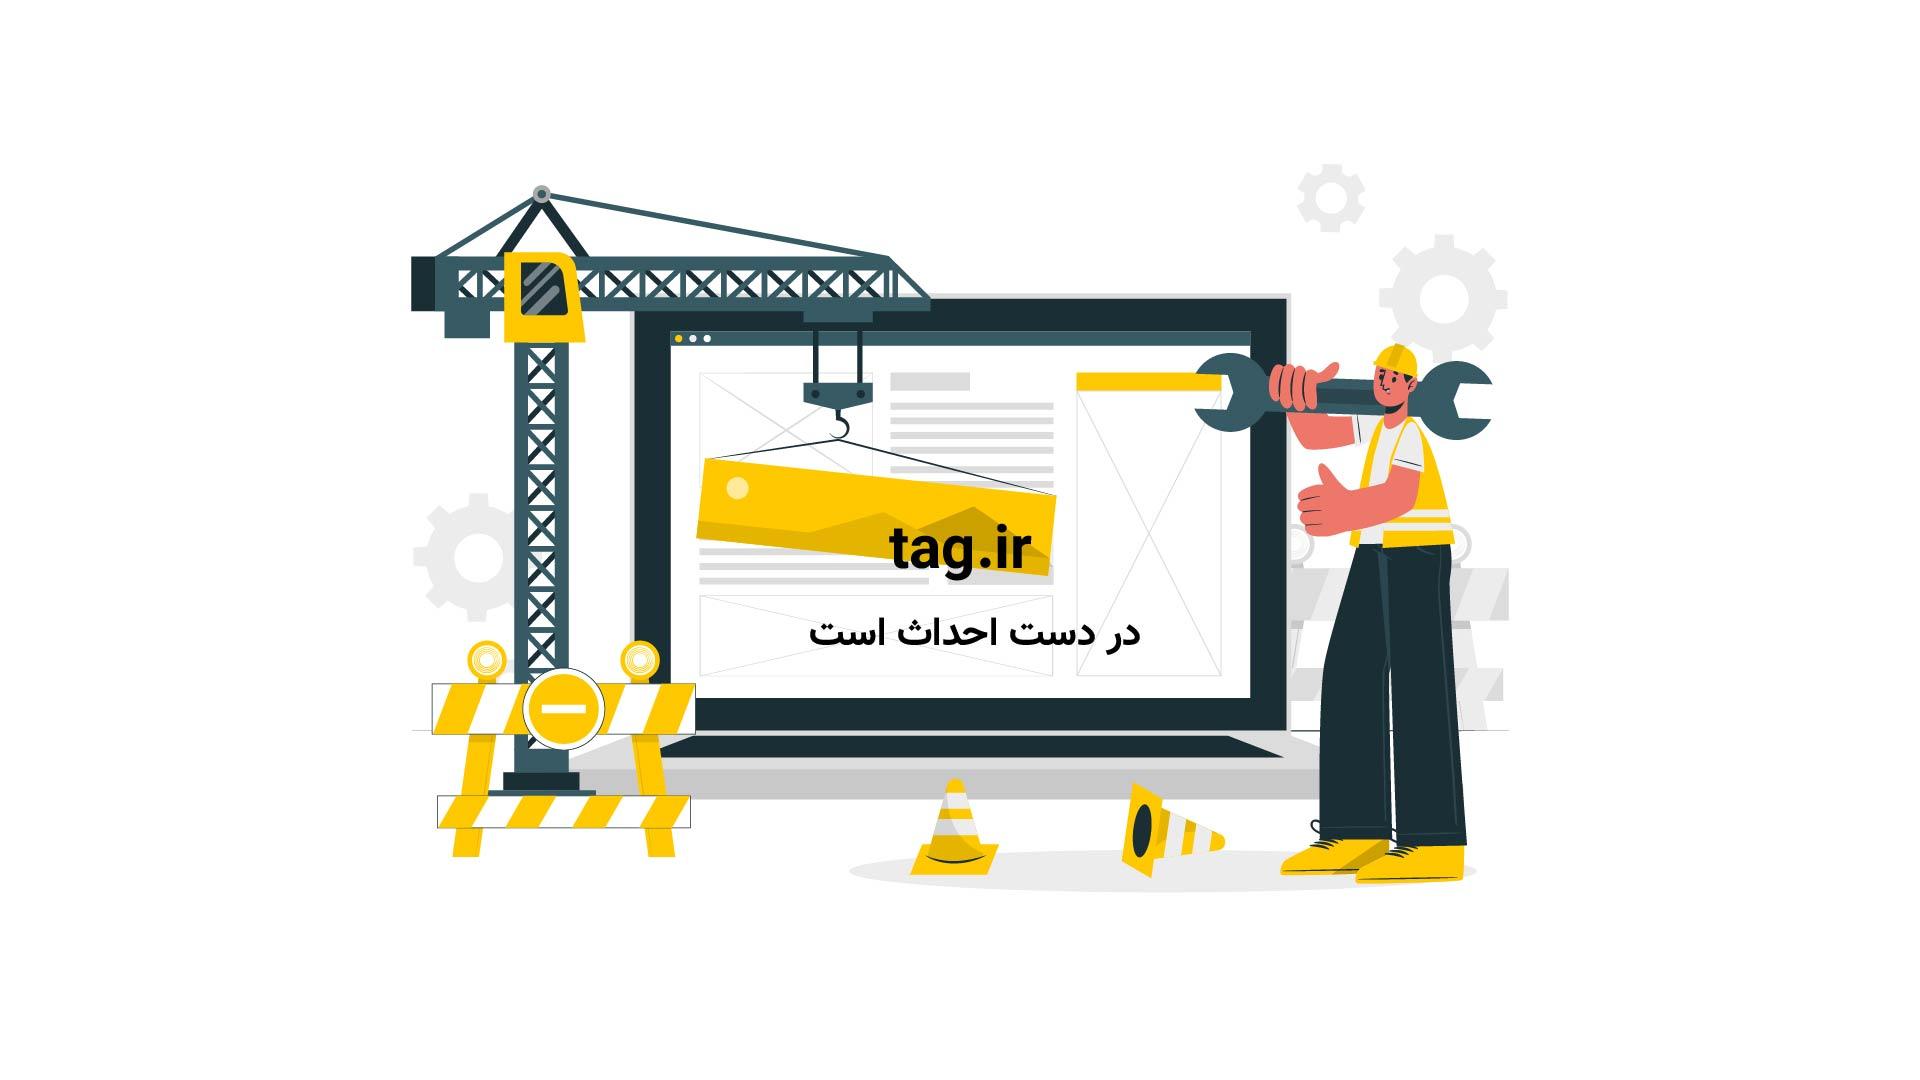 داخل توپ بیسبال چه چیزی می گذارند | فیلم